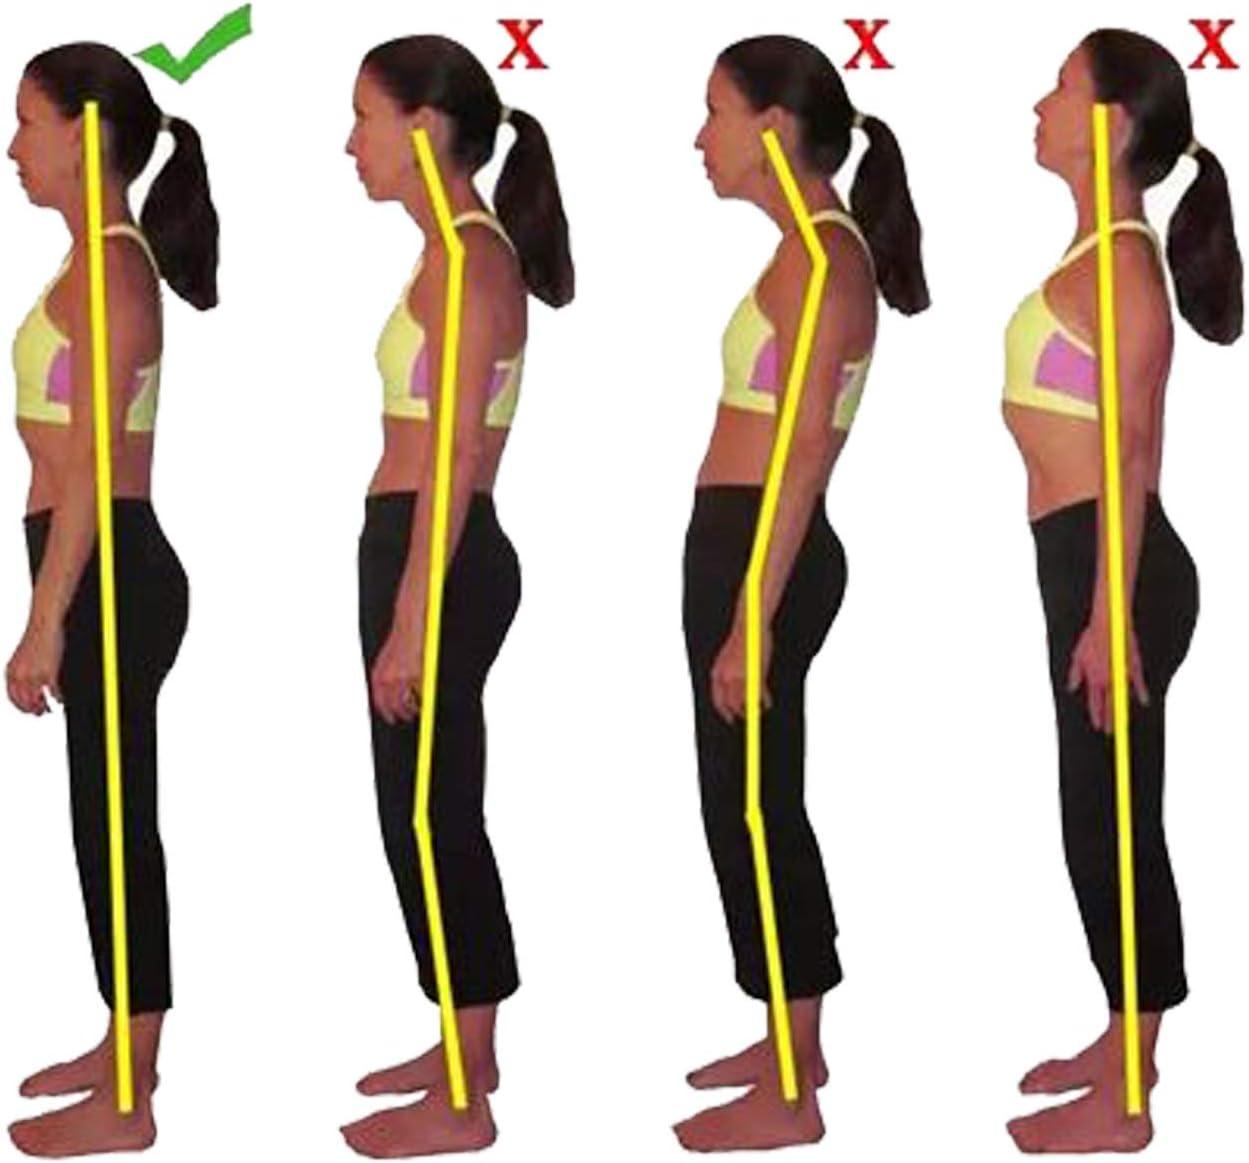 S R/éduire Les Douleurs Lombaires Correction de Posture Noire pour Les Hommes et Les Femmes sous Les V/êtements Tour de Taille:70-85cm Redresser La Colonne Vert/ébrale par ZSZBACE